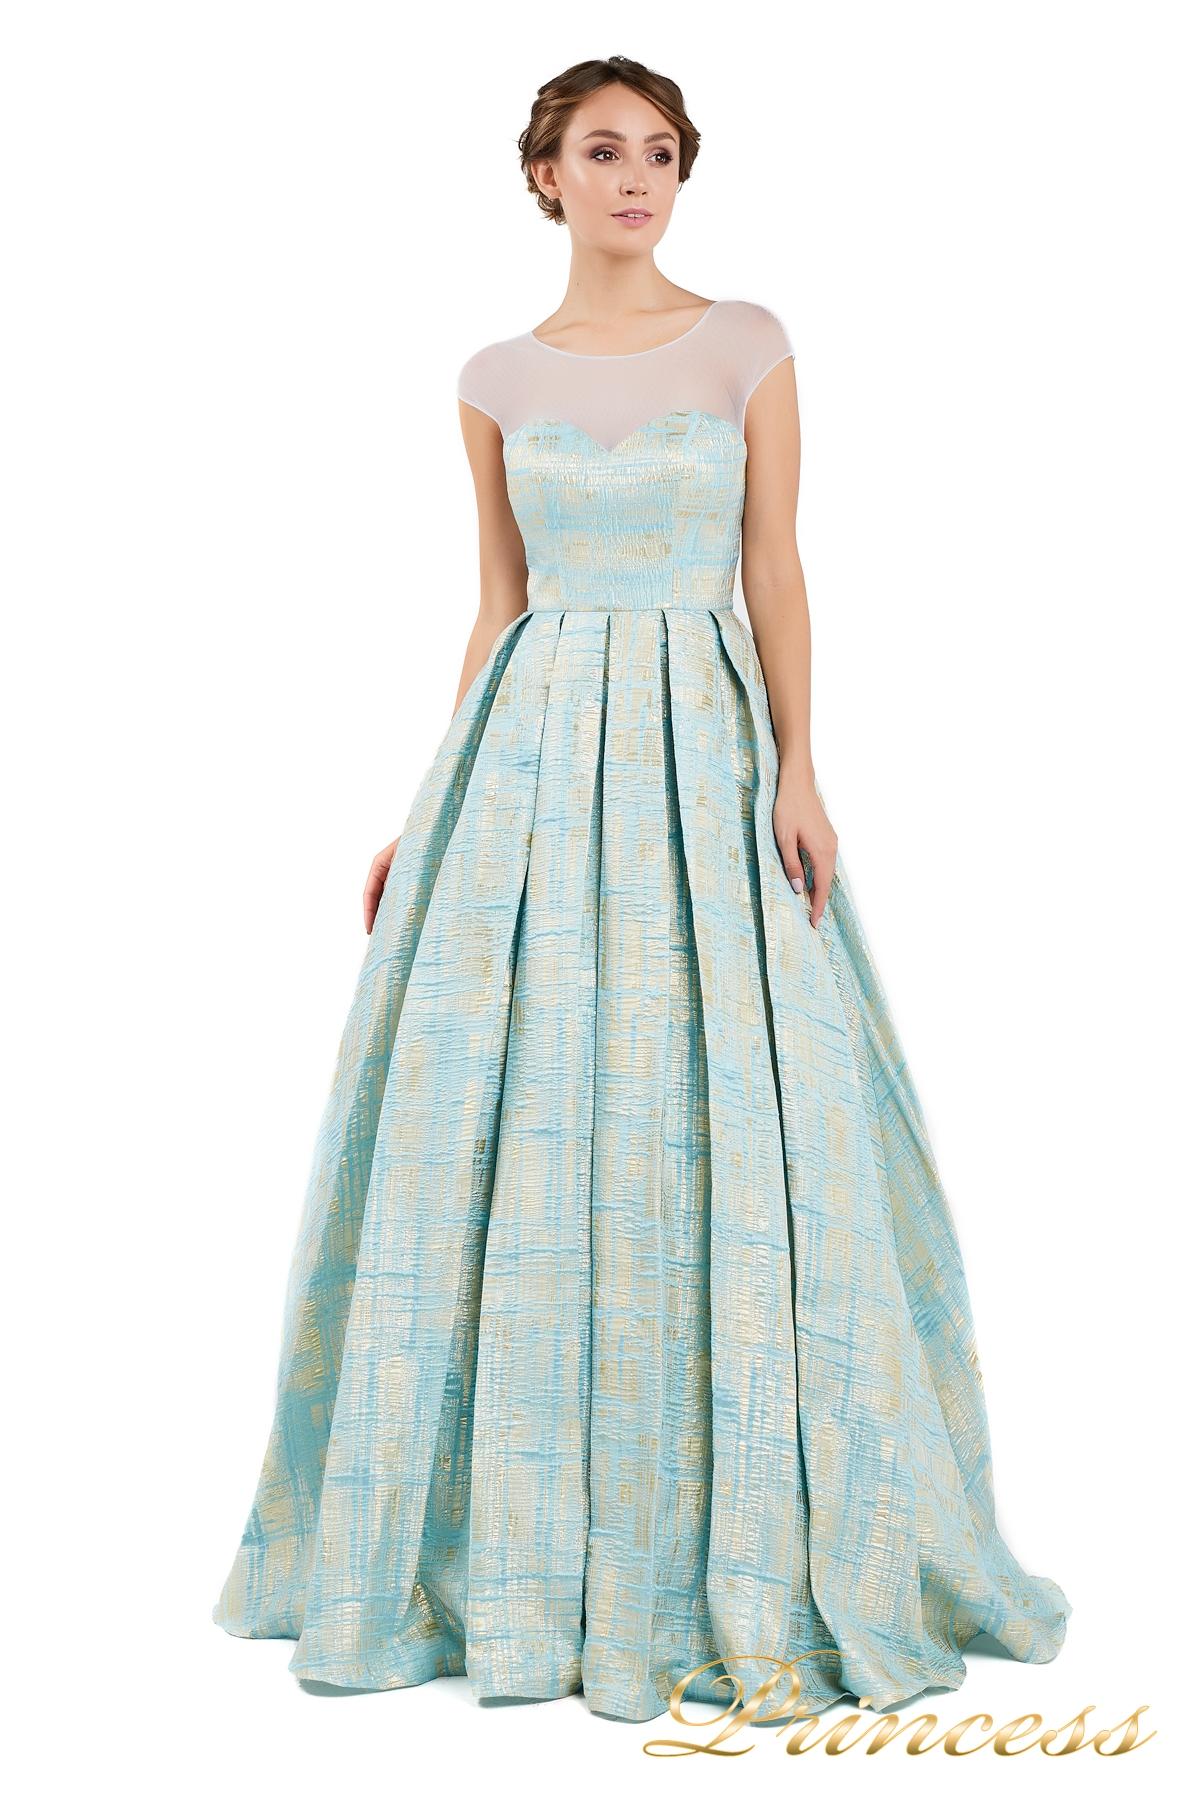 4b76729d171 Купить вечернее платье 13897 мятного цвета по цене 15000 руб. в ...